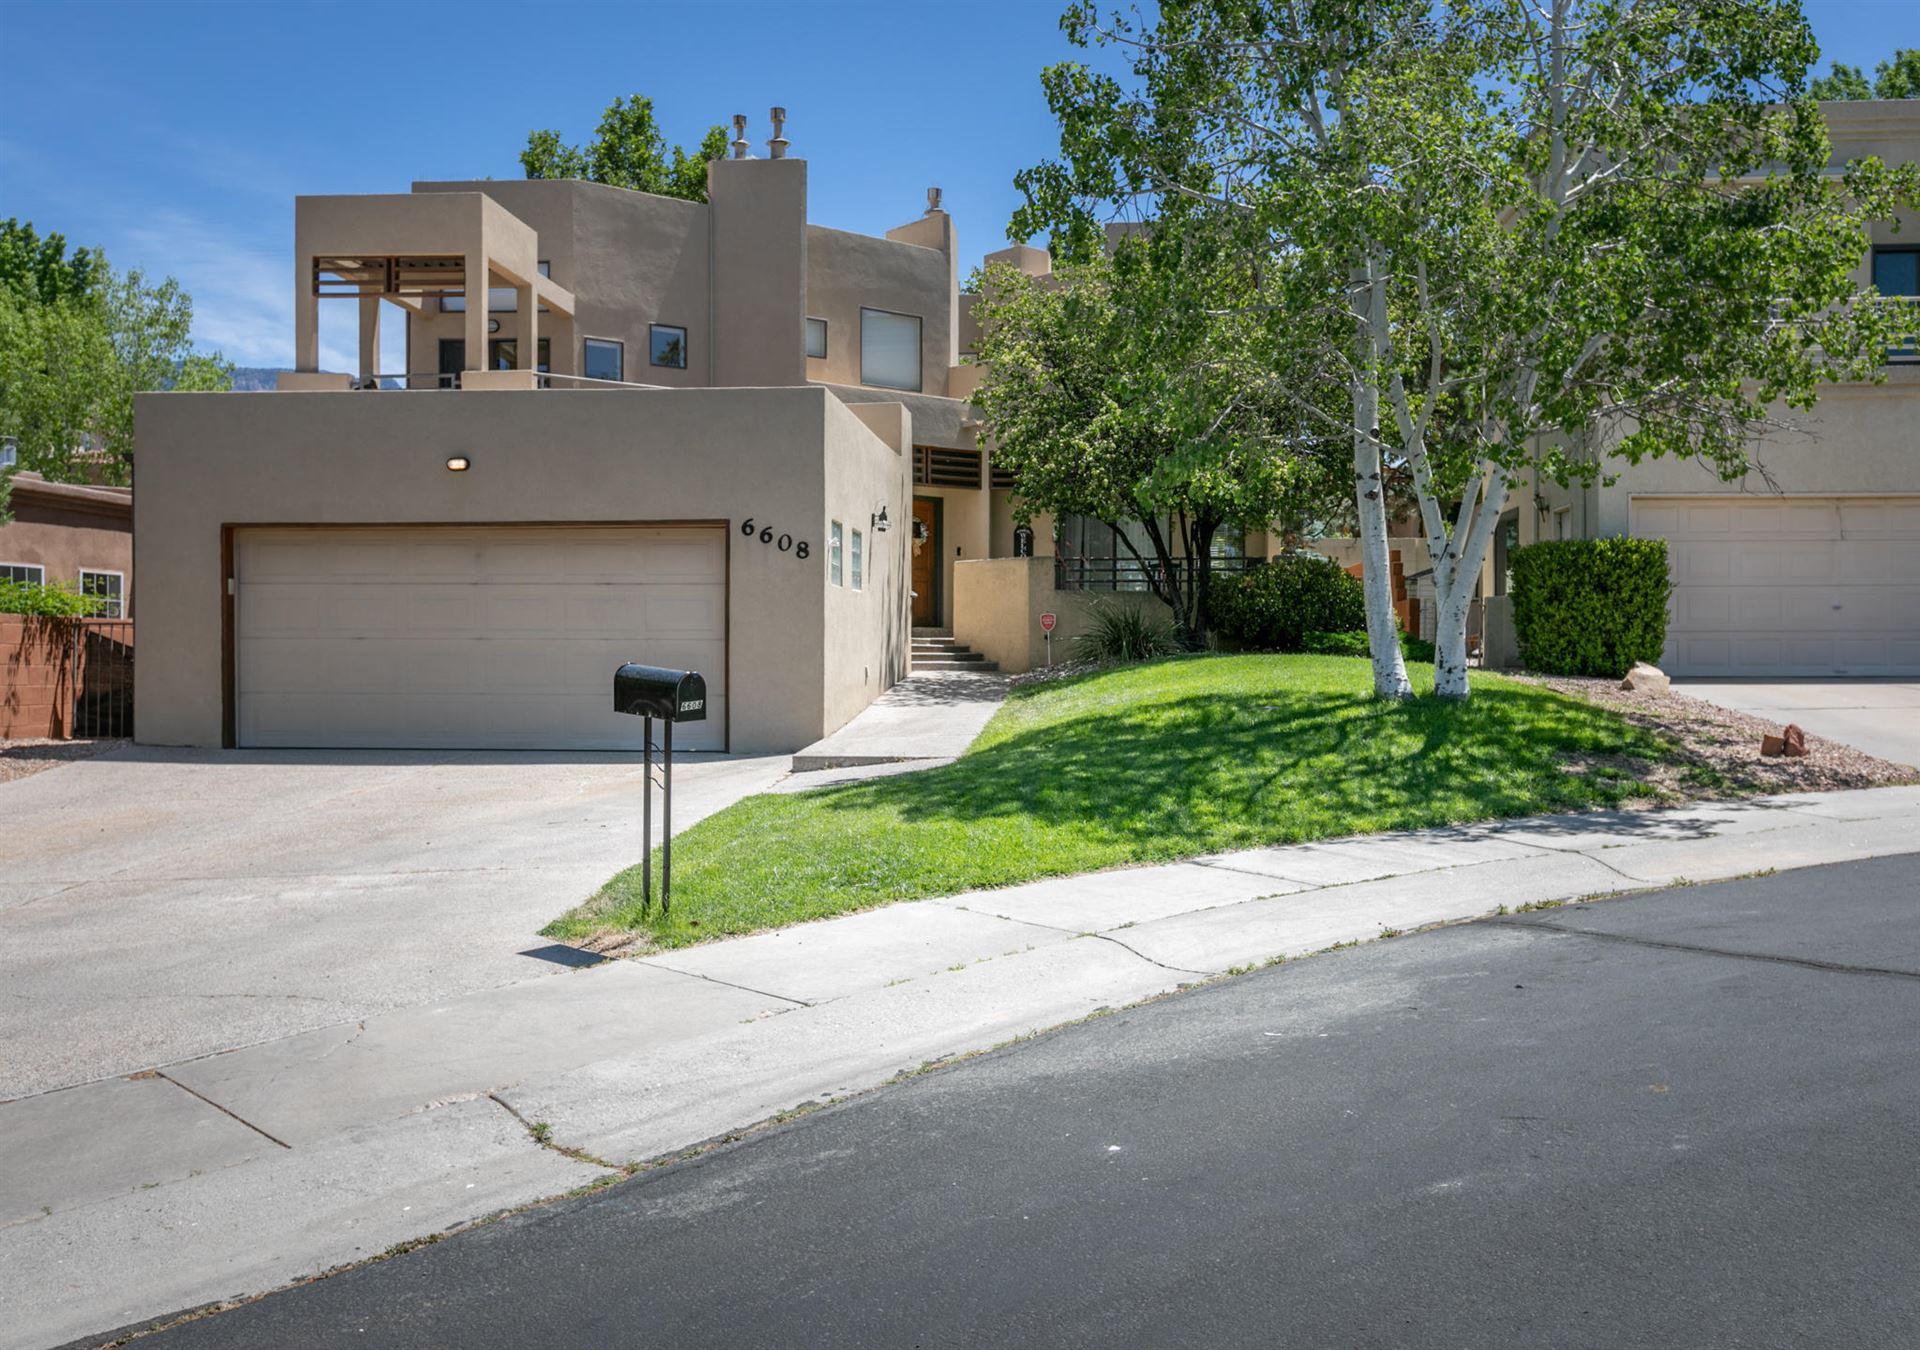 6608 Wentworth NE, Albuquerque, NM 87111 - MLS#: 968656